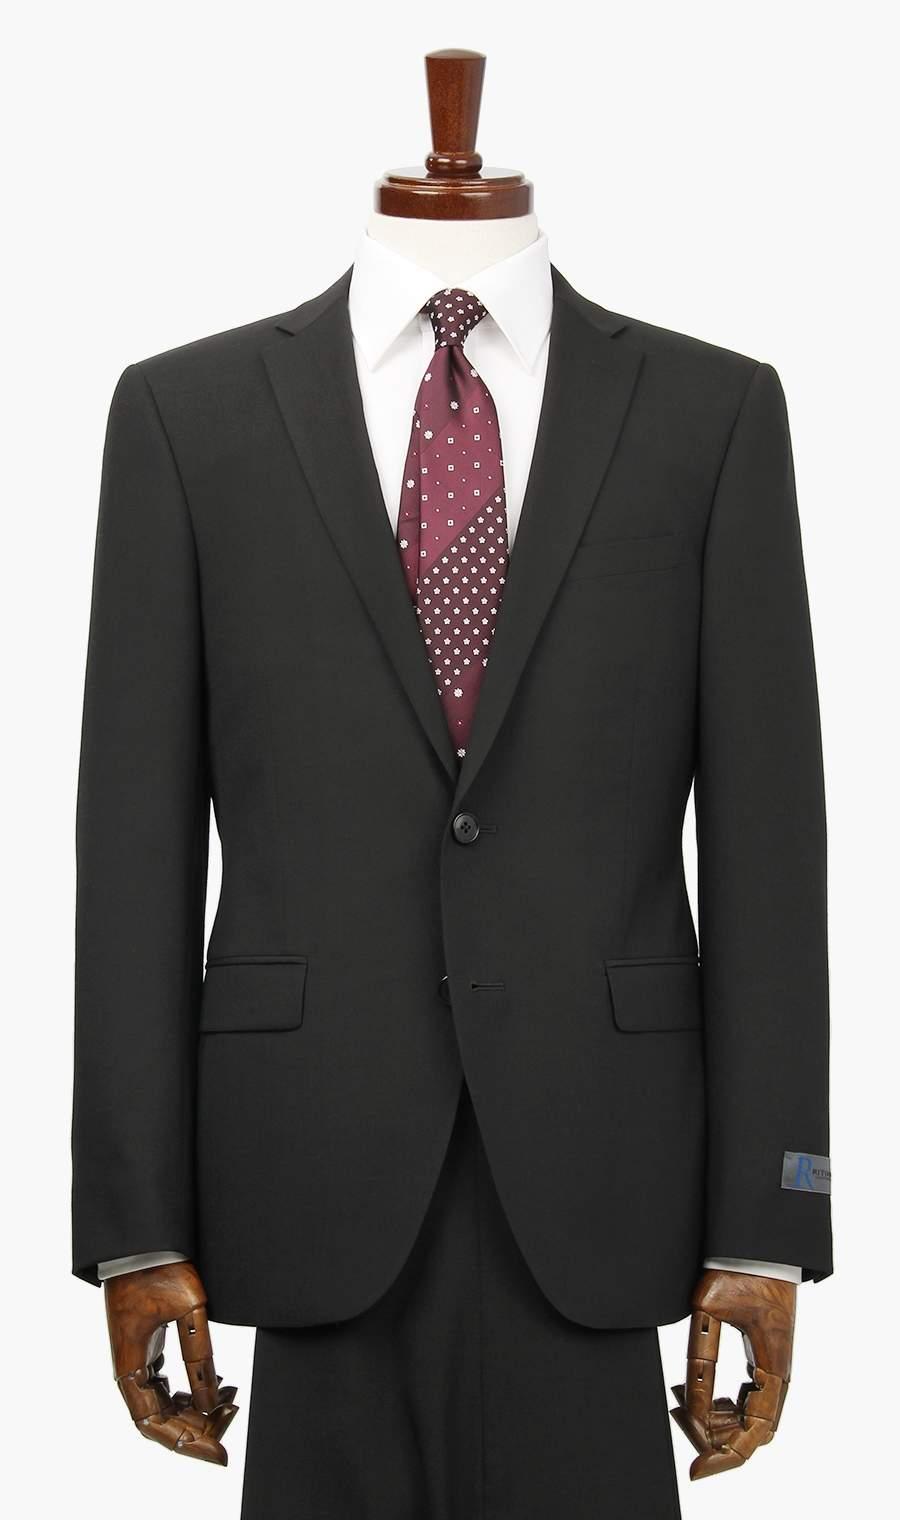 スーツの常識を覆す、洗濯できるスーツのすゝめ。においや汚れはもう気にならない! 2番目の画像